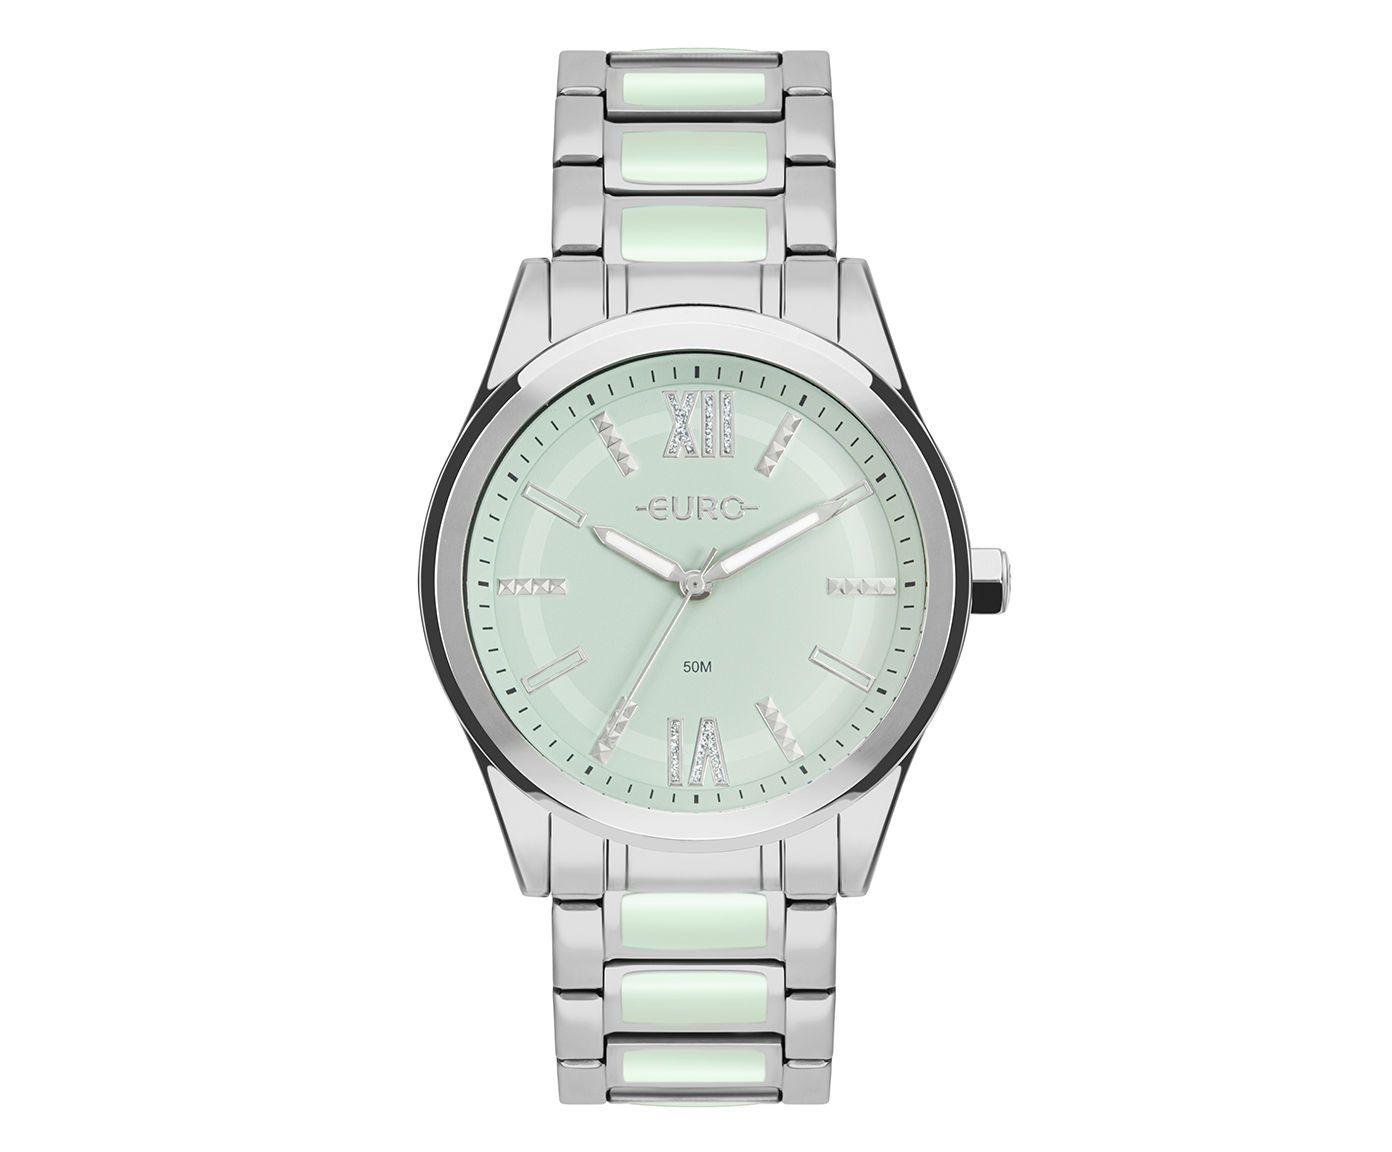 Relógio Analógico Colors Euro Prateado | Westwing.com.br